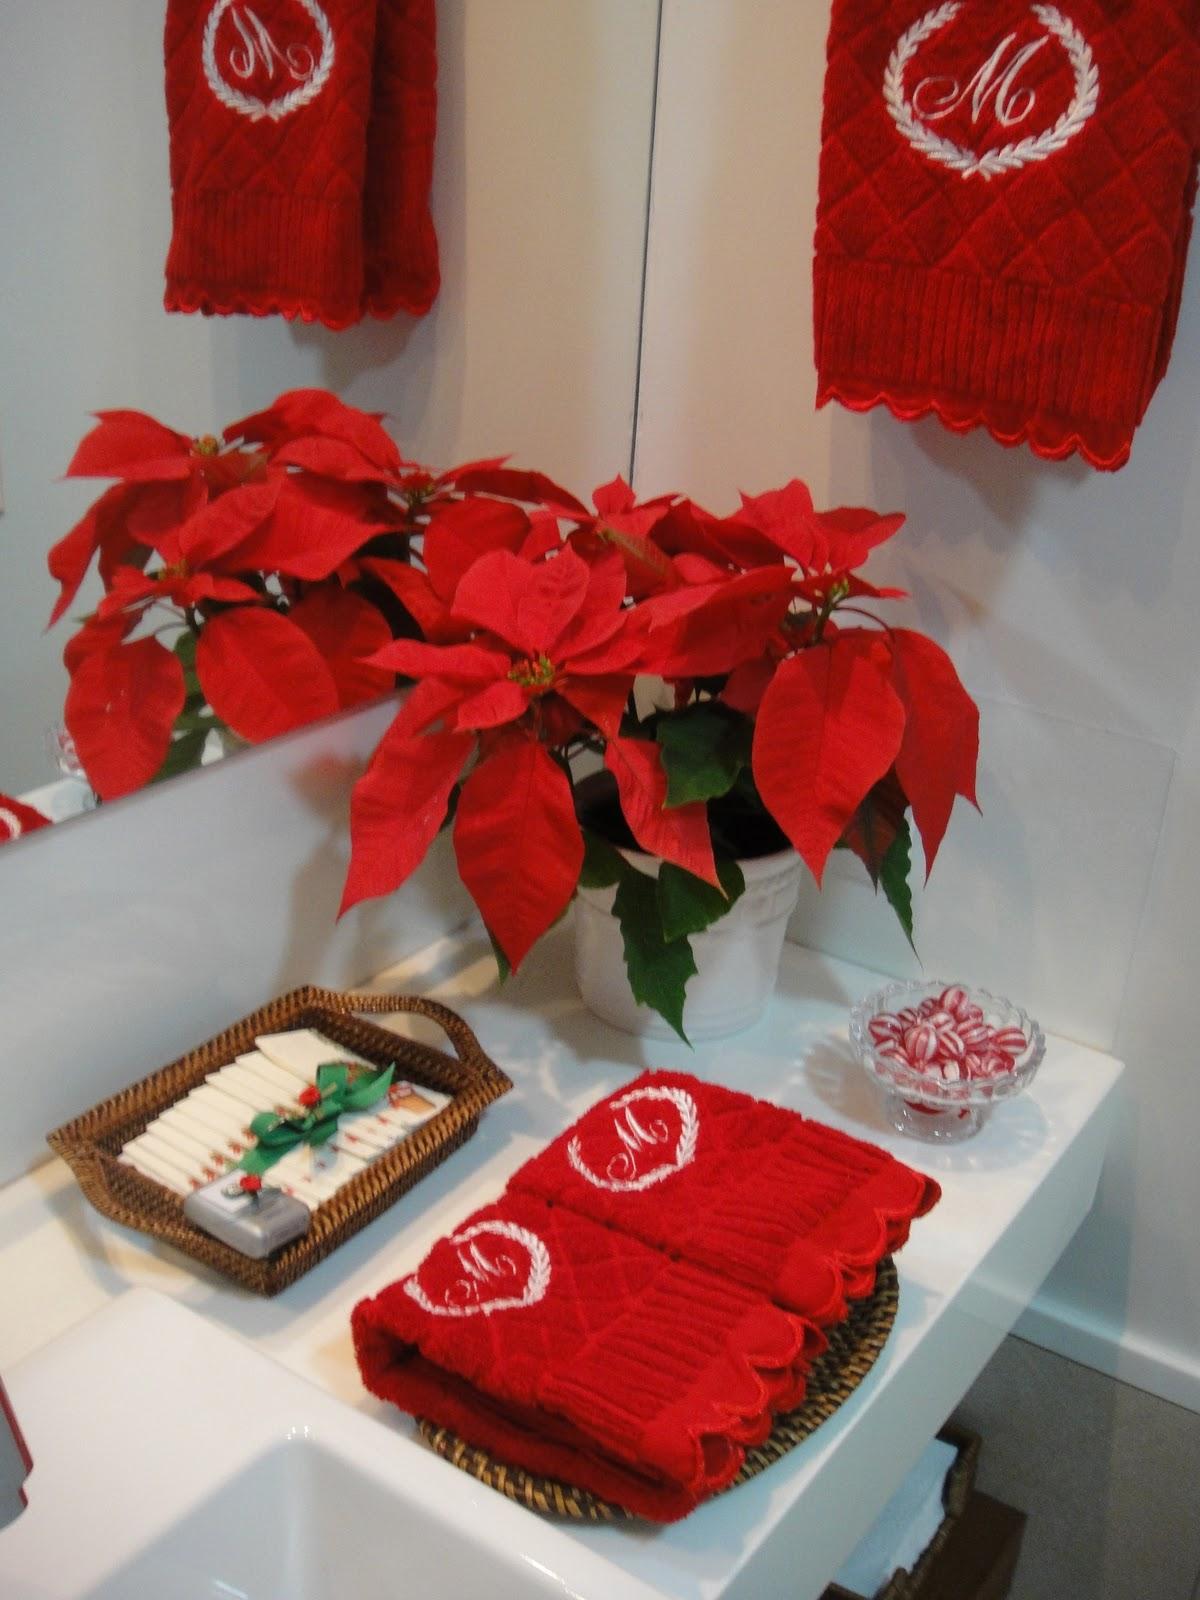 decoracao de lavabo para o natal : decoracao de lavabo para o natal:Arte e Casa, mas para quem nunca ouviu falar a loja tem tudo para